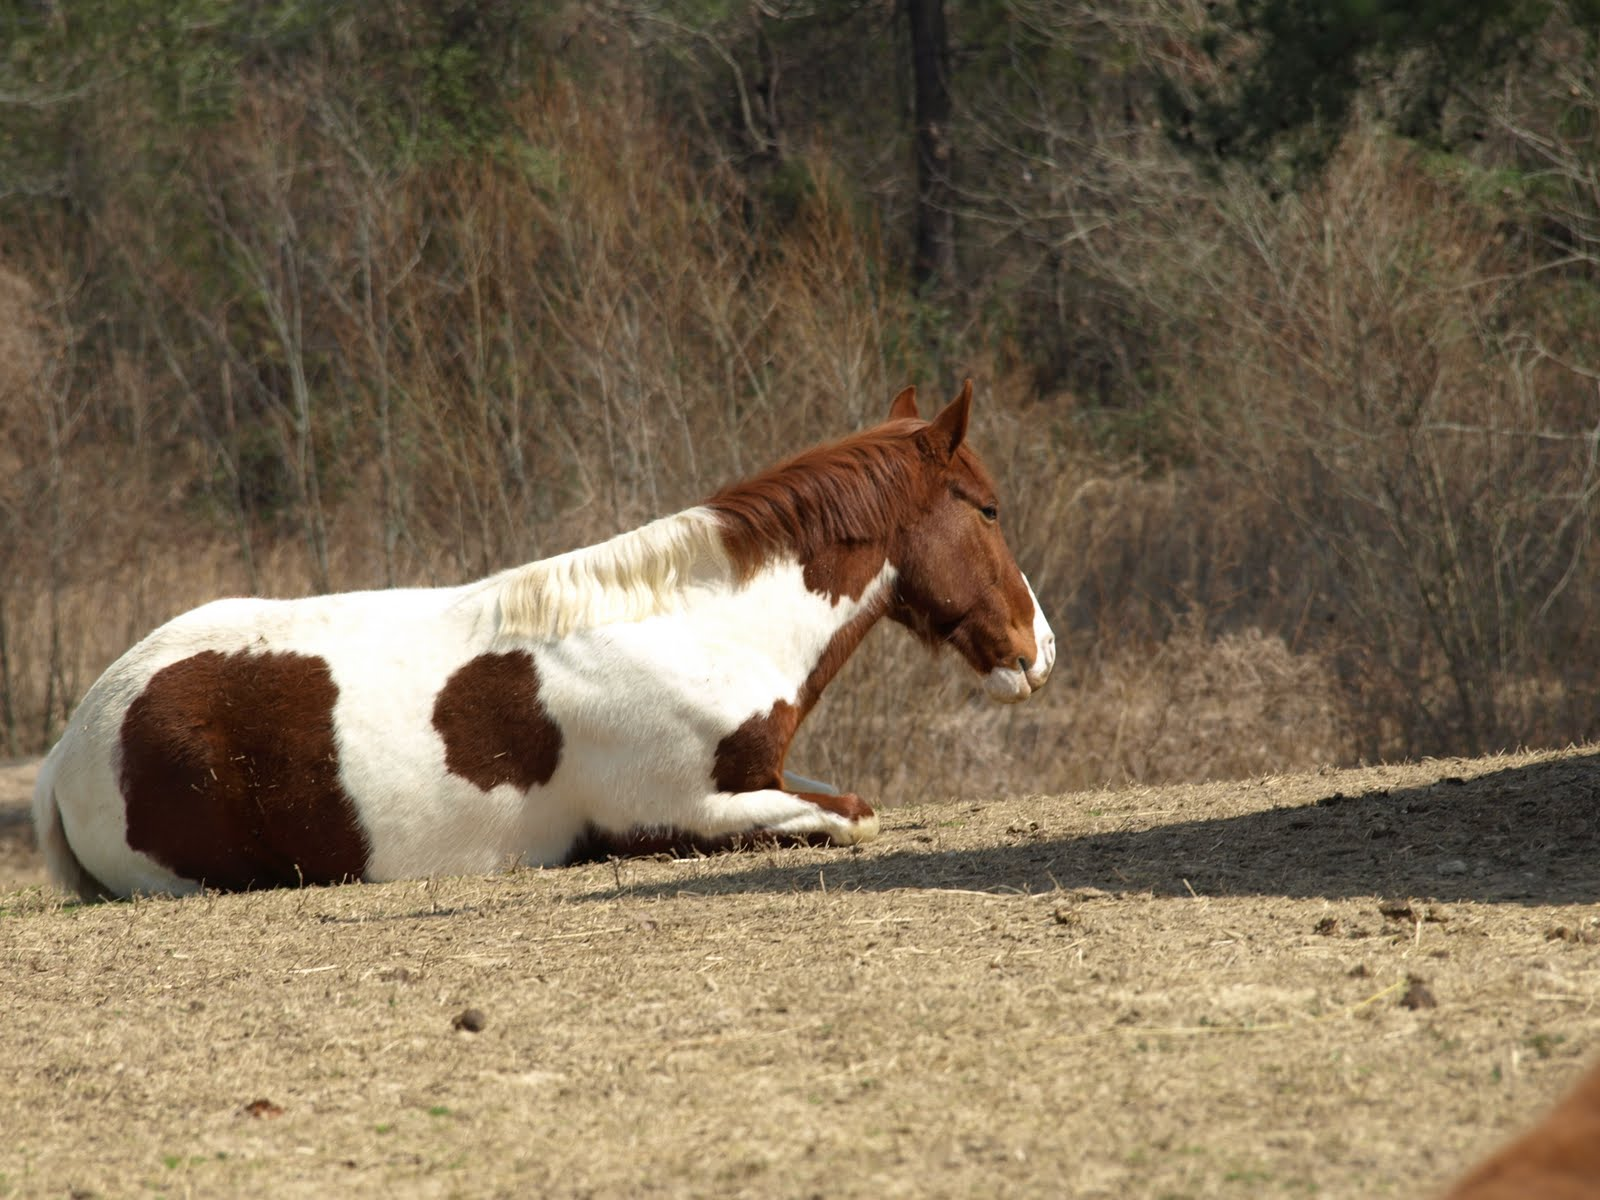 Sleeping Horse Sleeping horses